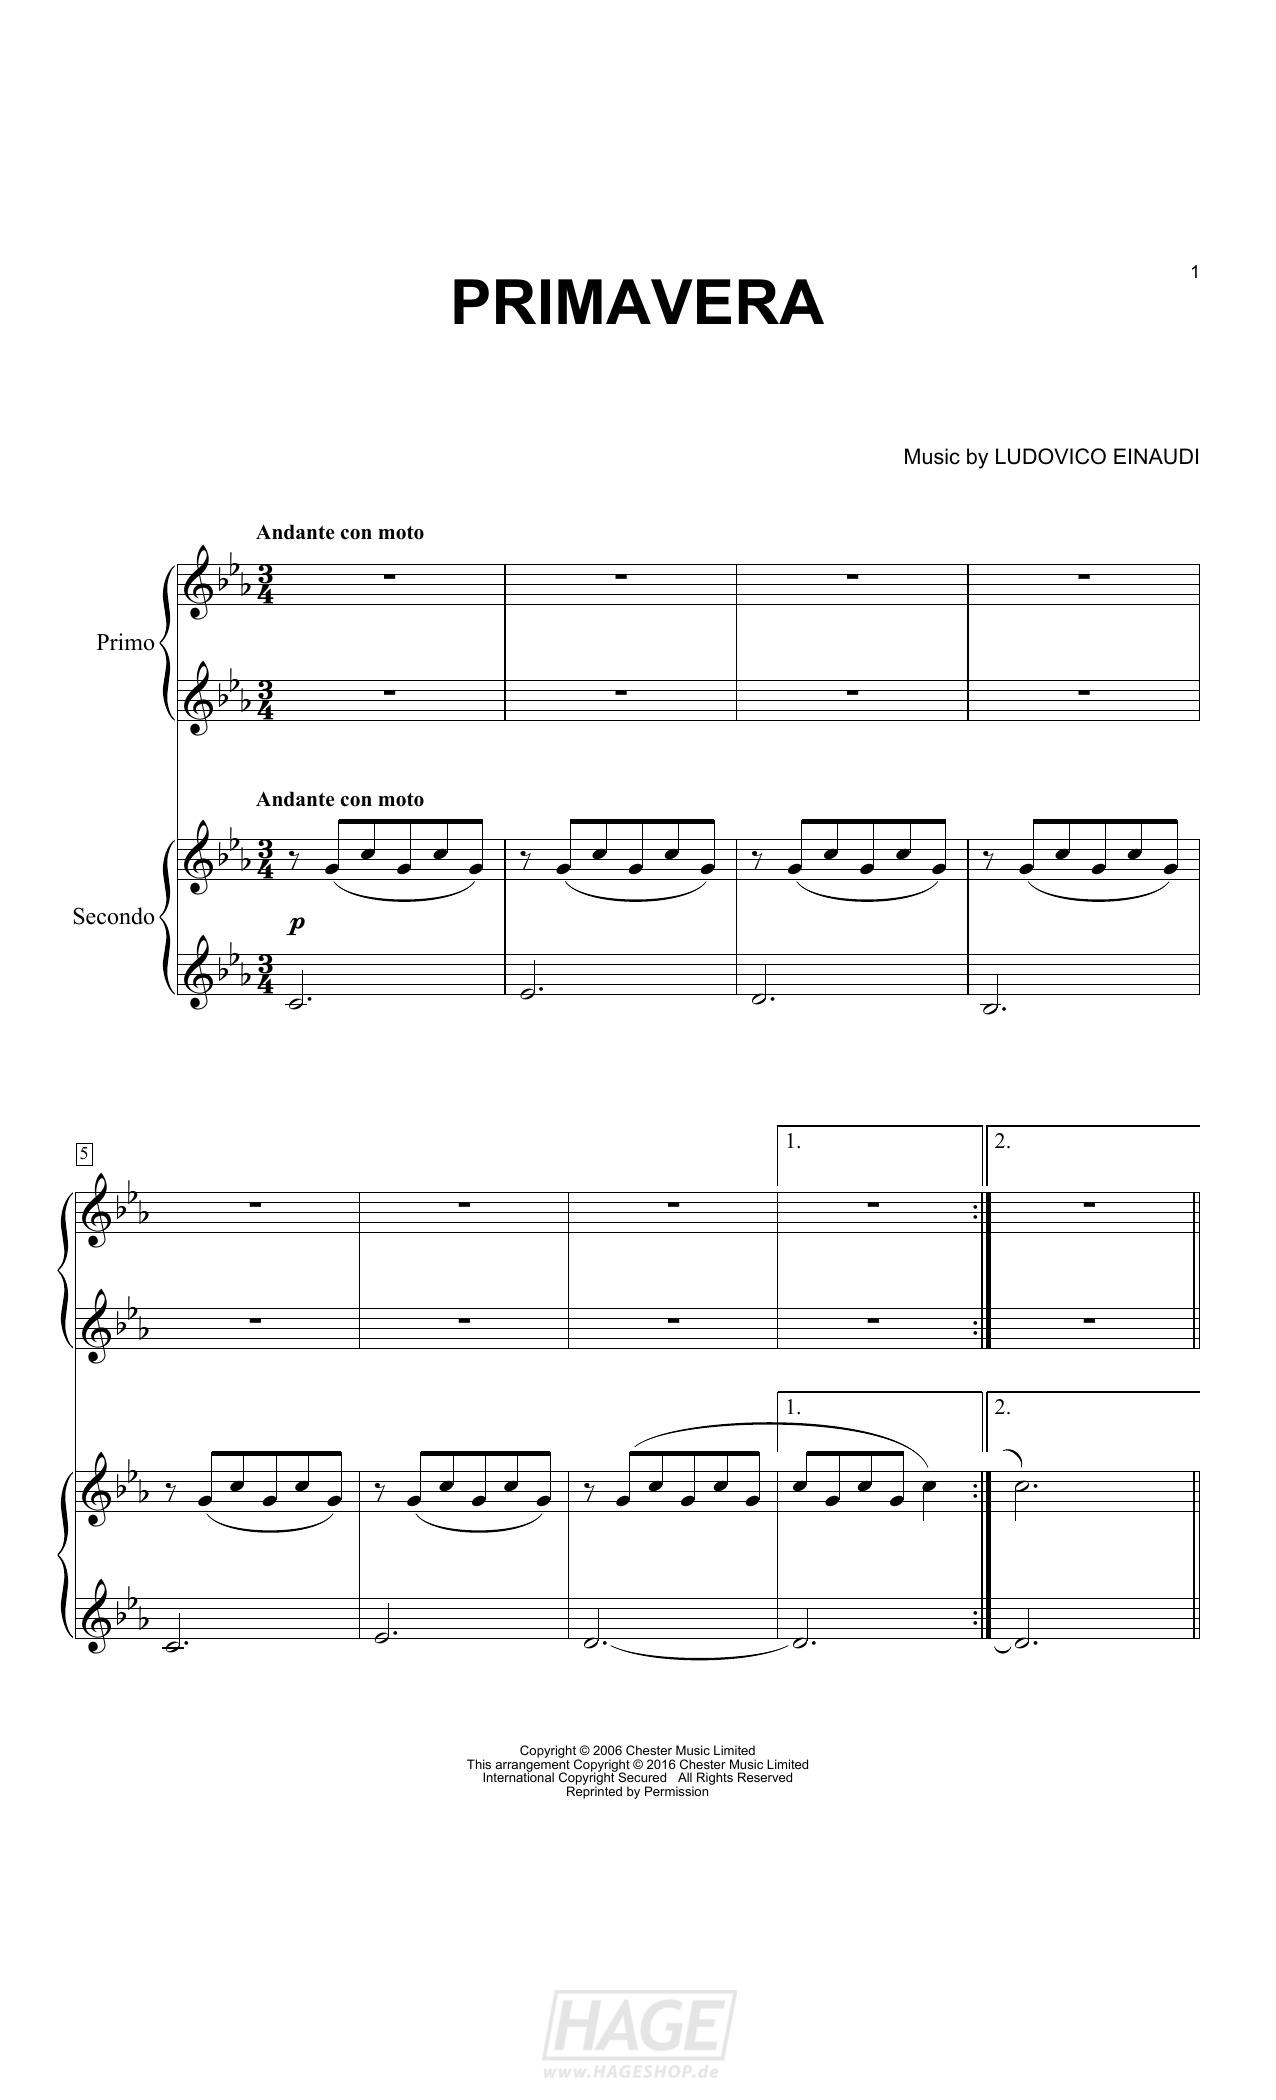 Primavera - Ludovico Einaudi - Noten Druckvorschau